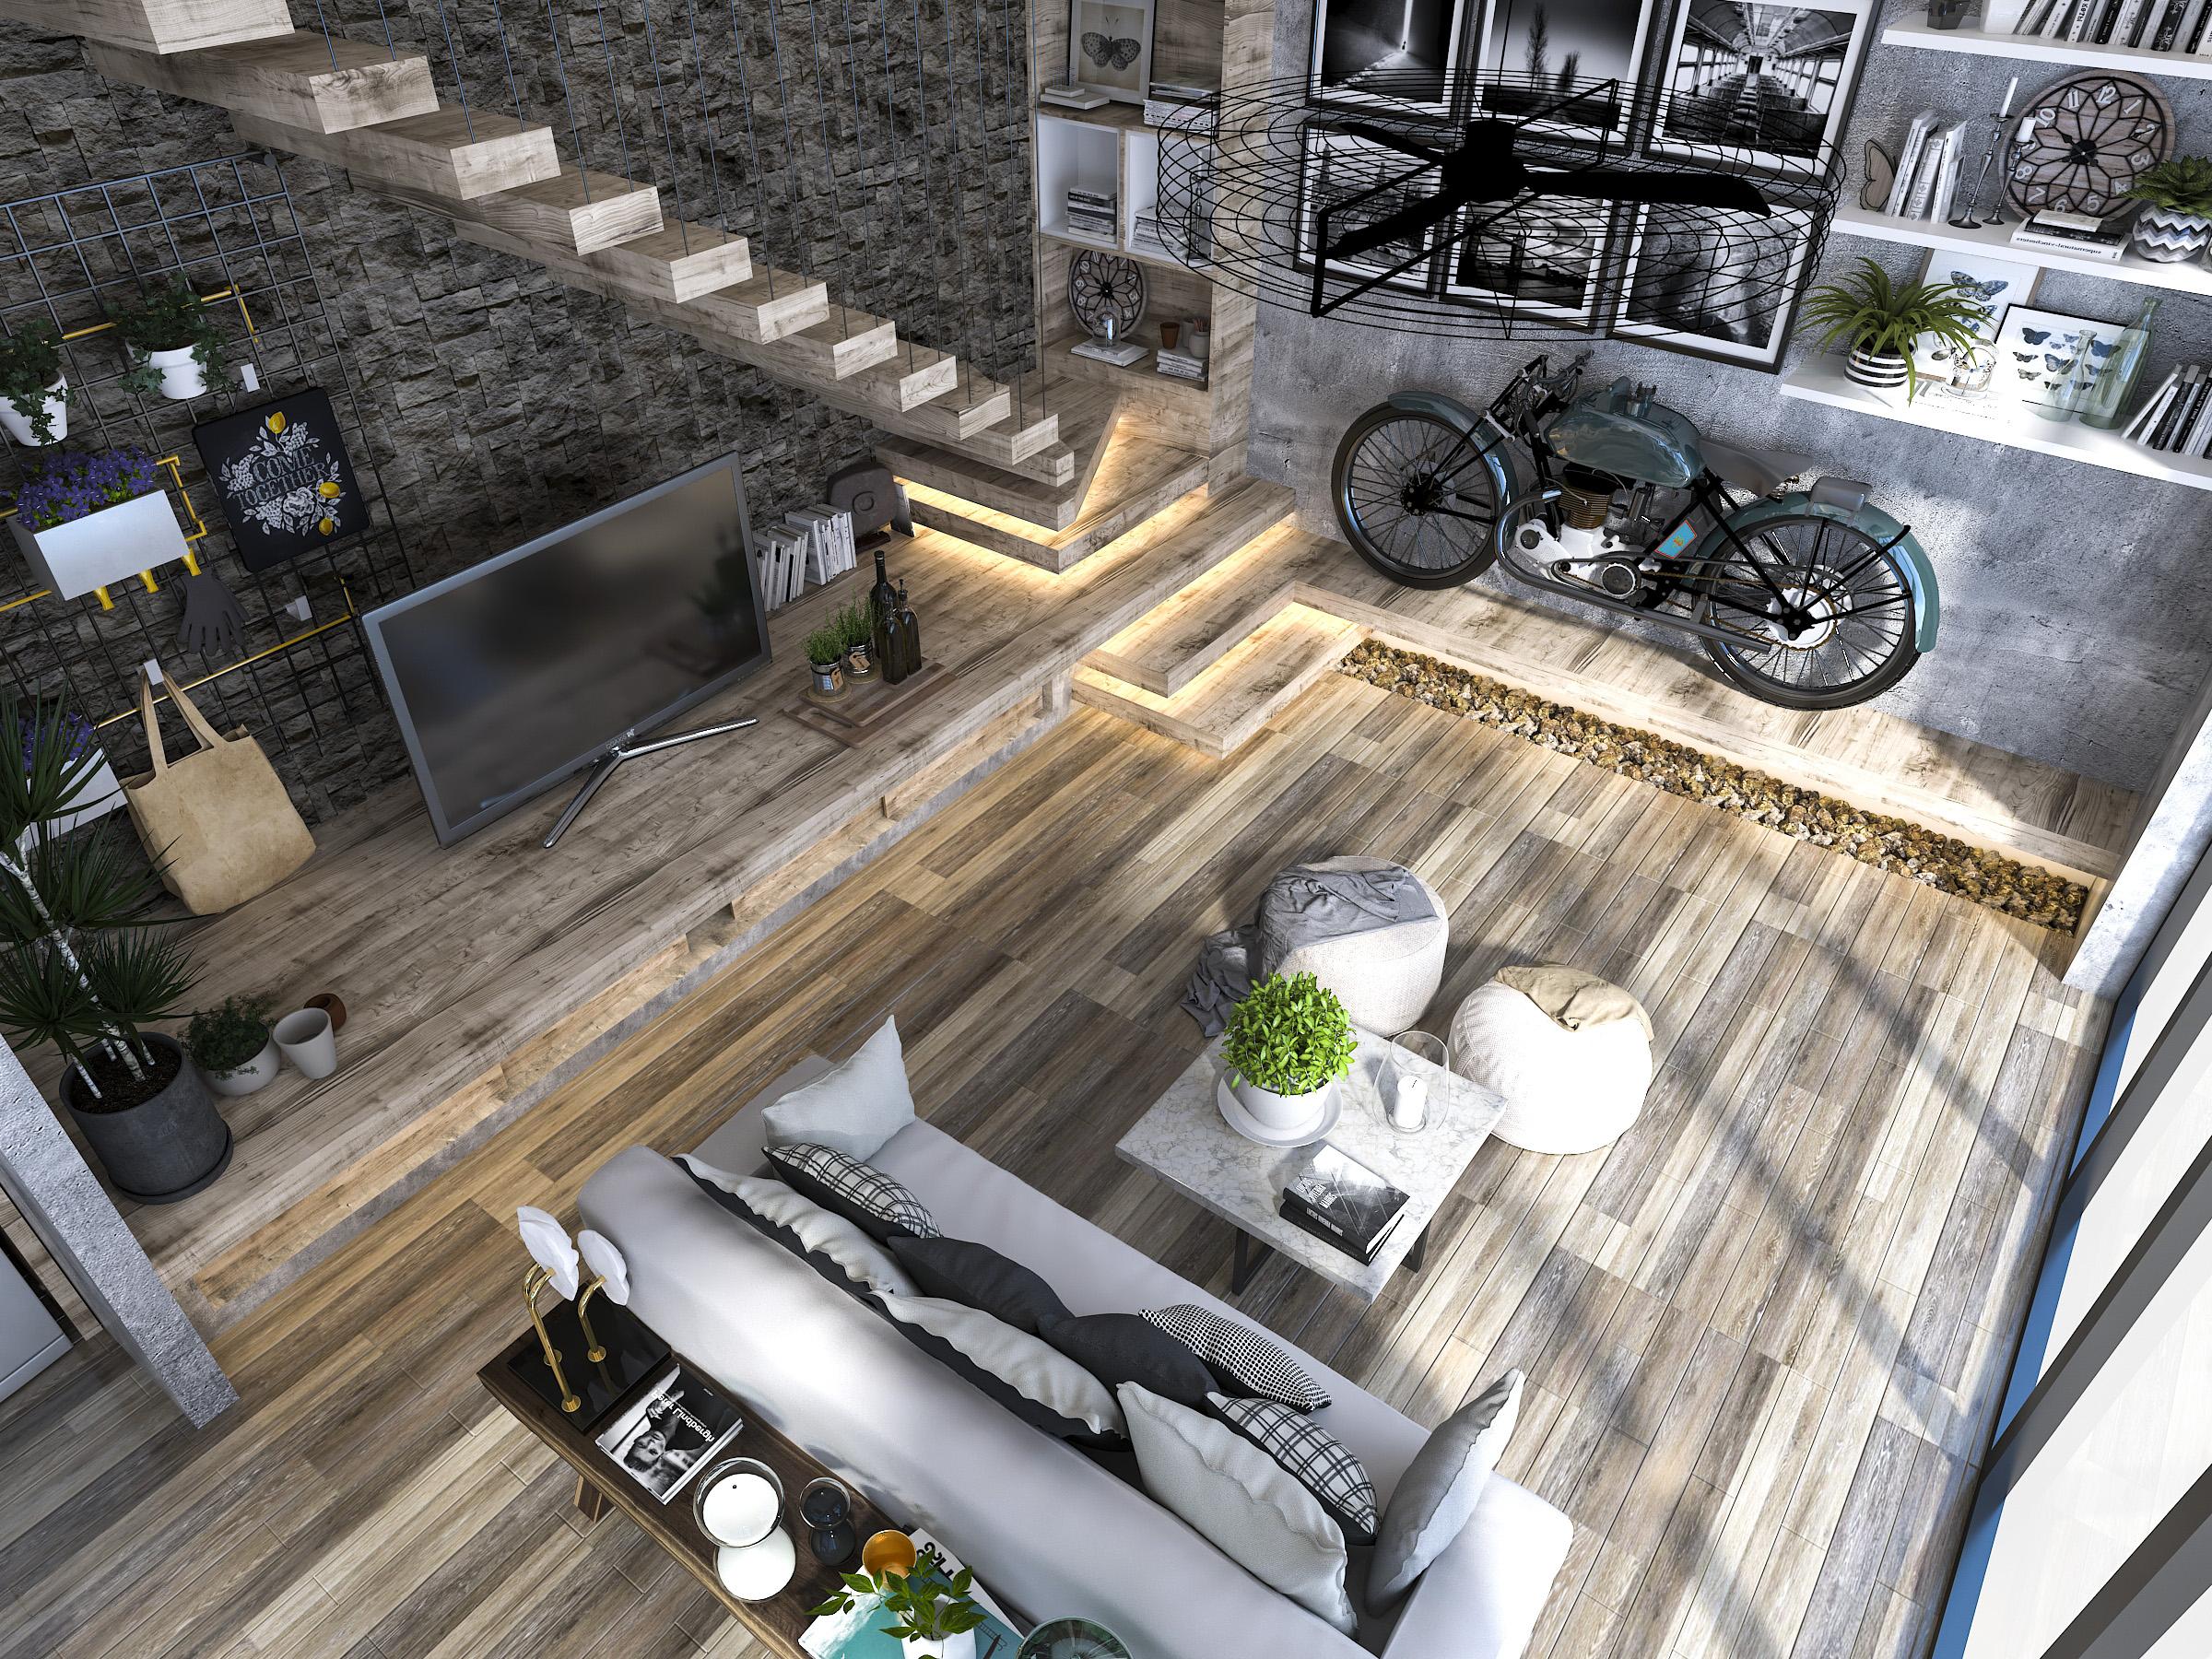 thiết kế nội thất Nhà tại Hồ Chí Minh Mr. Huy House 11 1565771946